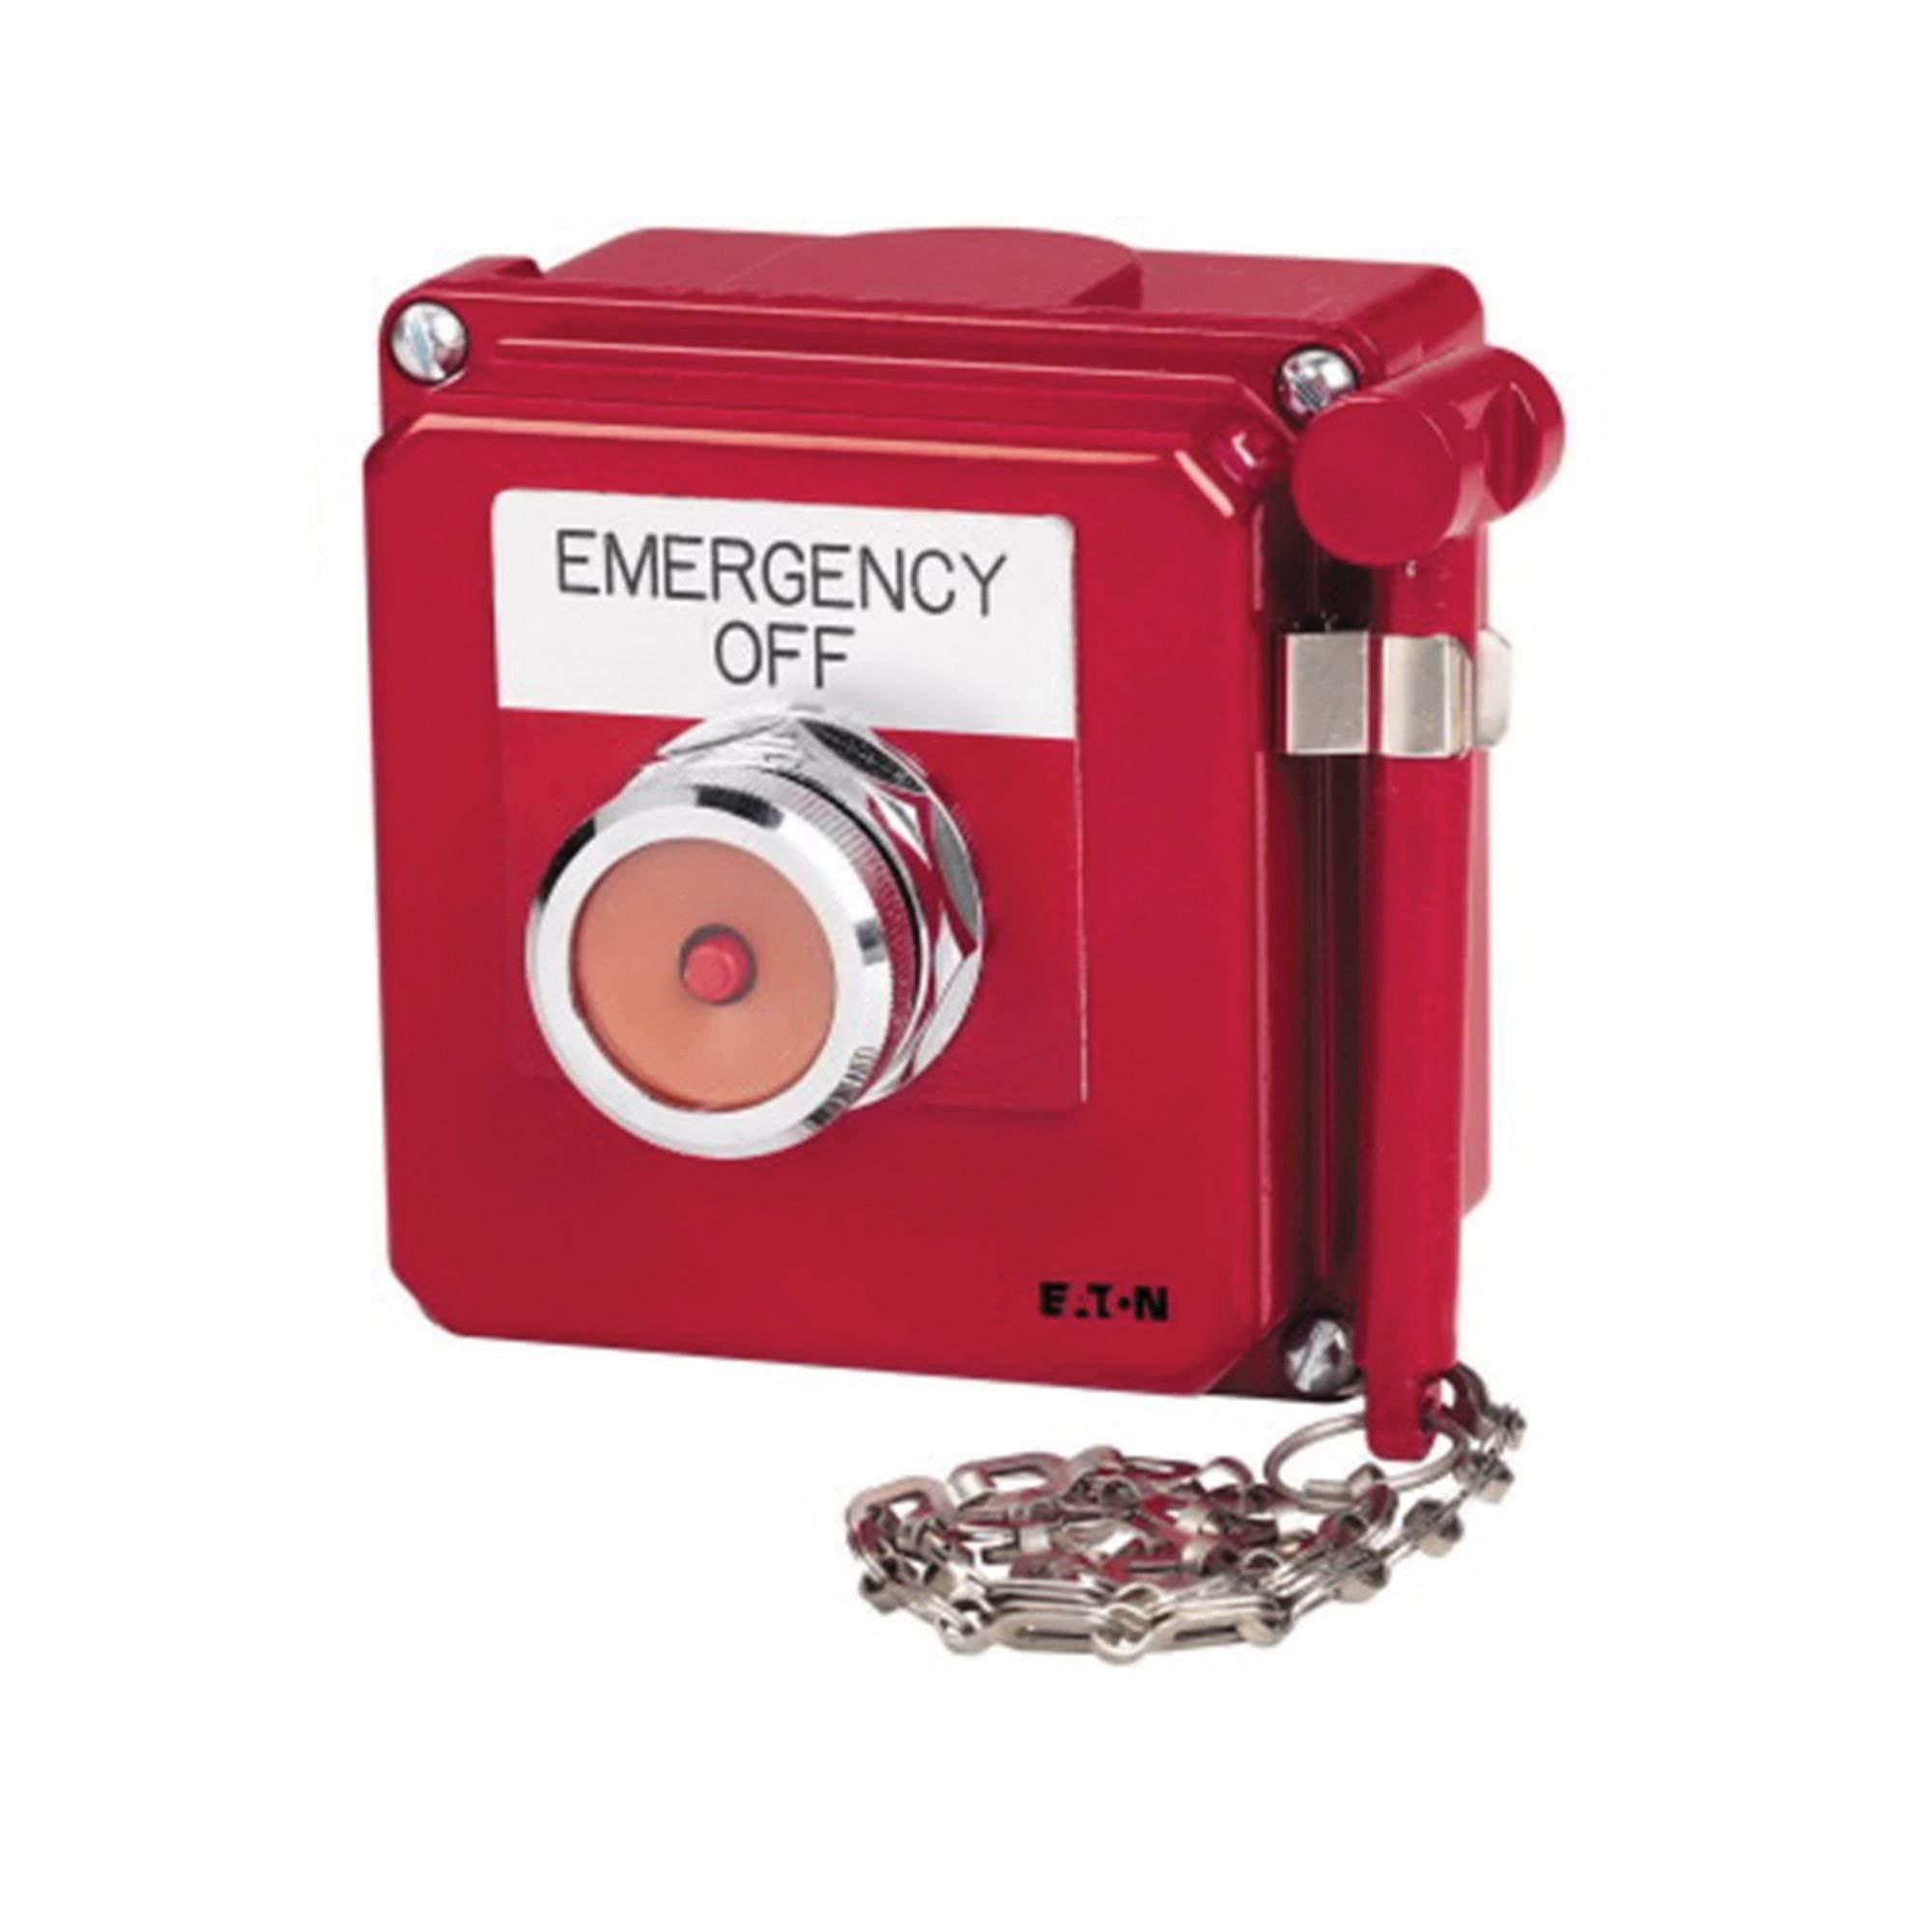 Eaton 10250TGR 1 NC Heavy-Duty Break Glass Station 30.5 mm Red